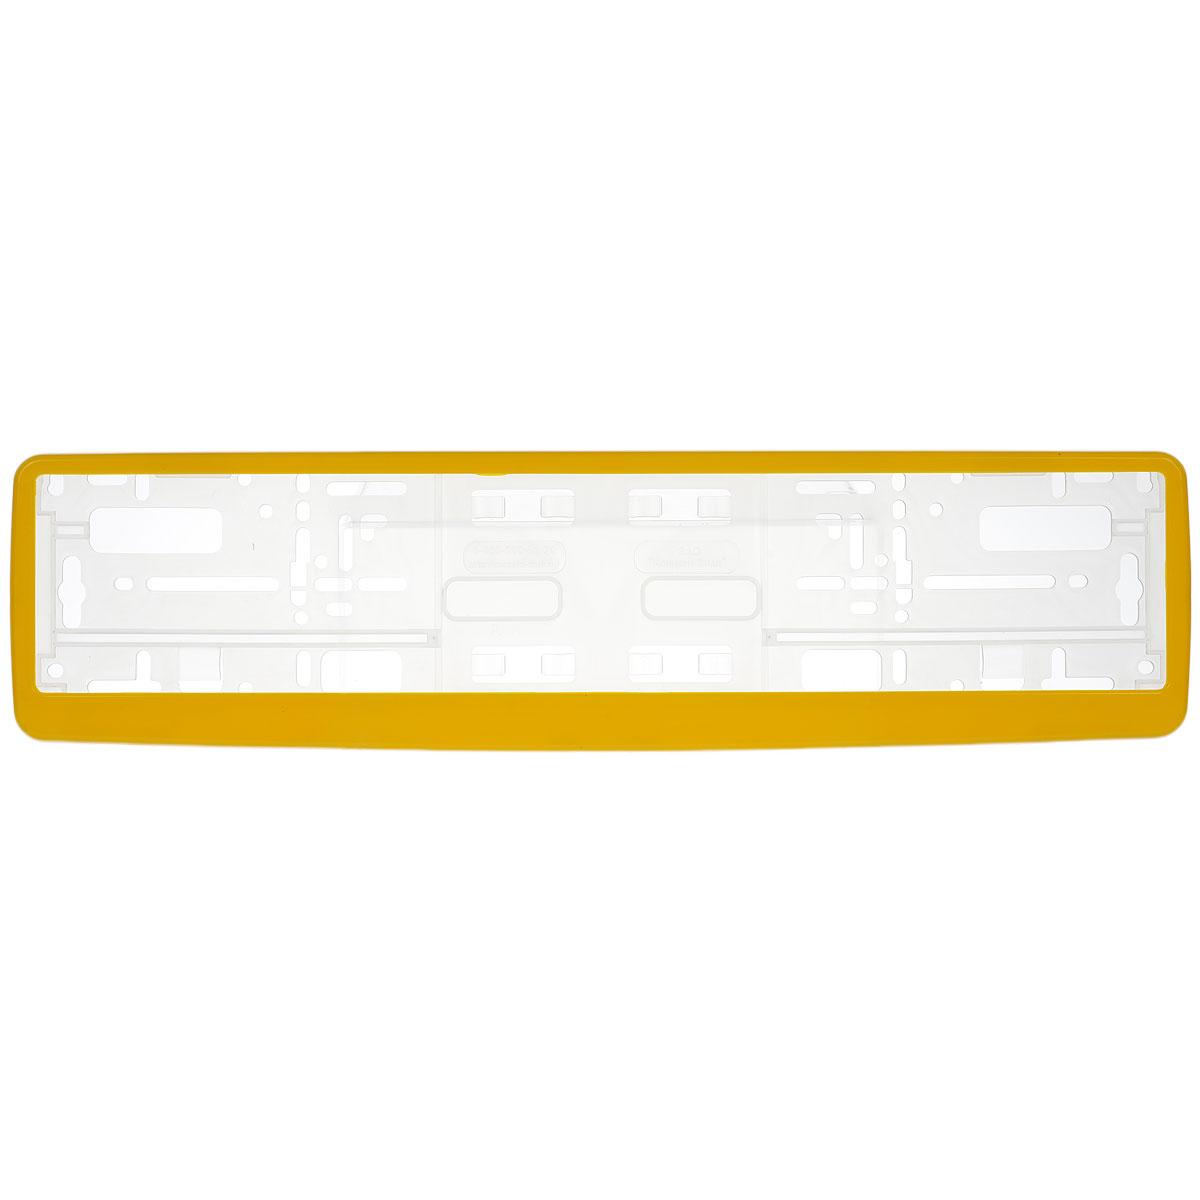 Рамка под номер Концерн Знак, цвет: желтыйЗ0000014567Рамка Концерн Знак не только закрепит регистрационный знак на вашем автомобиле, но и красиво его оформит. Основание рамки выполнено из полипропилена, материал лицевой панели - пластик.Она предназначена для крепления регистрационного знака российского и европейского образца. Устанавливается на все типы автомобилей. Крепления в комплект не входят.Стильный дизайн идеально впишется в экстерьер вашего автомобиля.Размер рамки: 53,5 см х 13,5 см. Размер регистрационного знака: 52,5 см х 11,5 см.